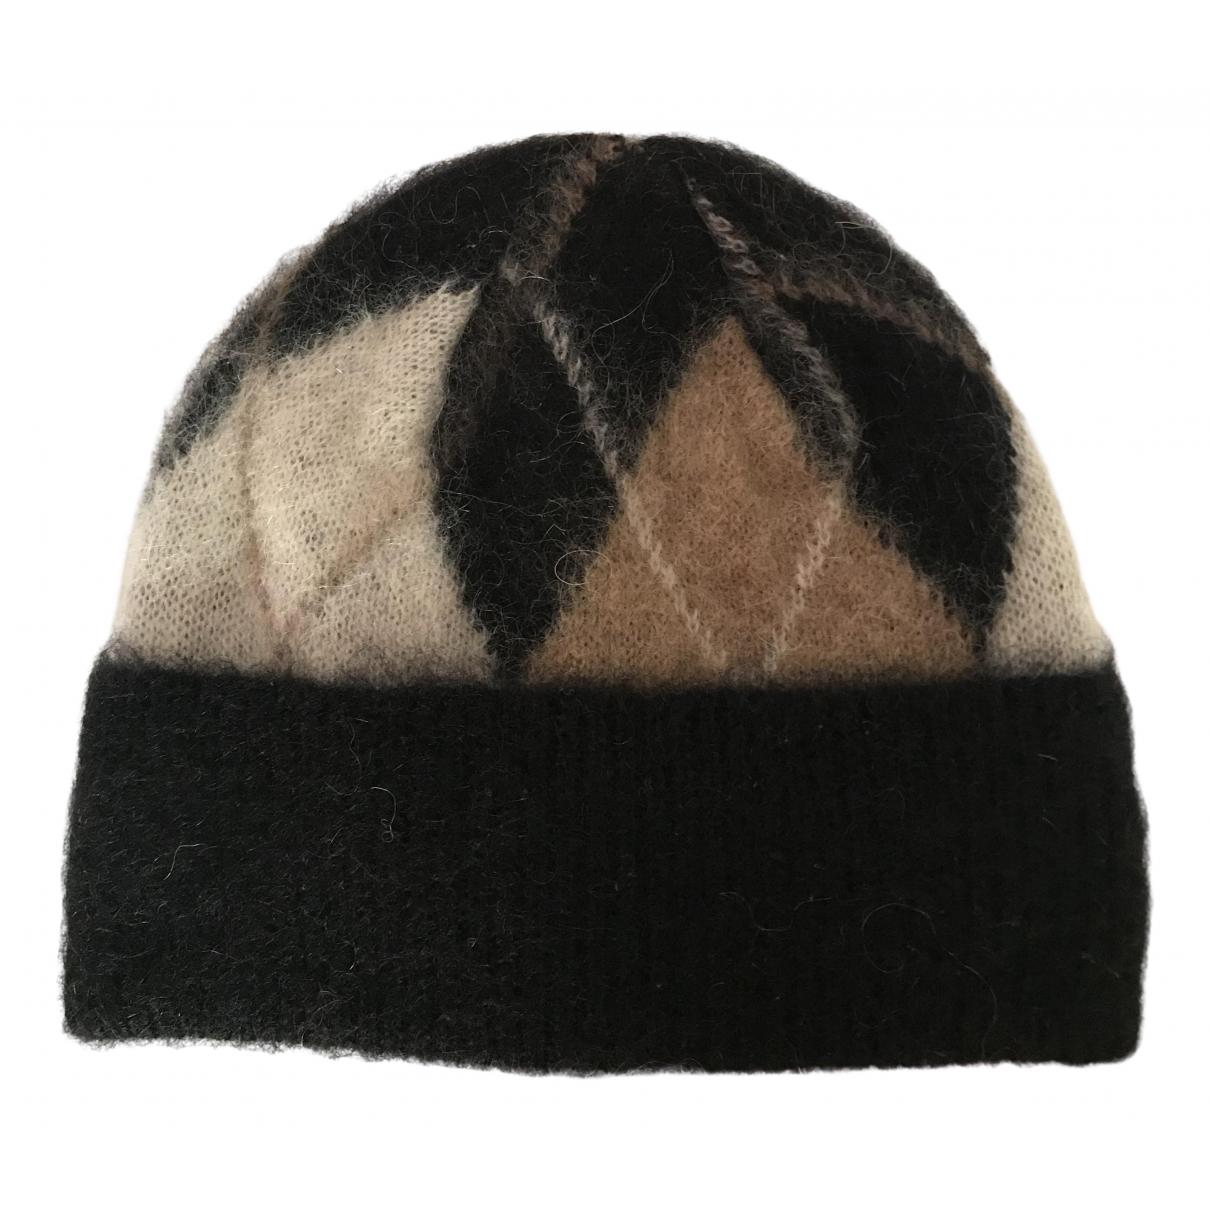 H&m Studio - Chapeau & Bonnets   pour homme en laine - multicolore